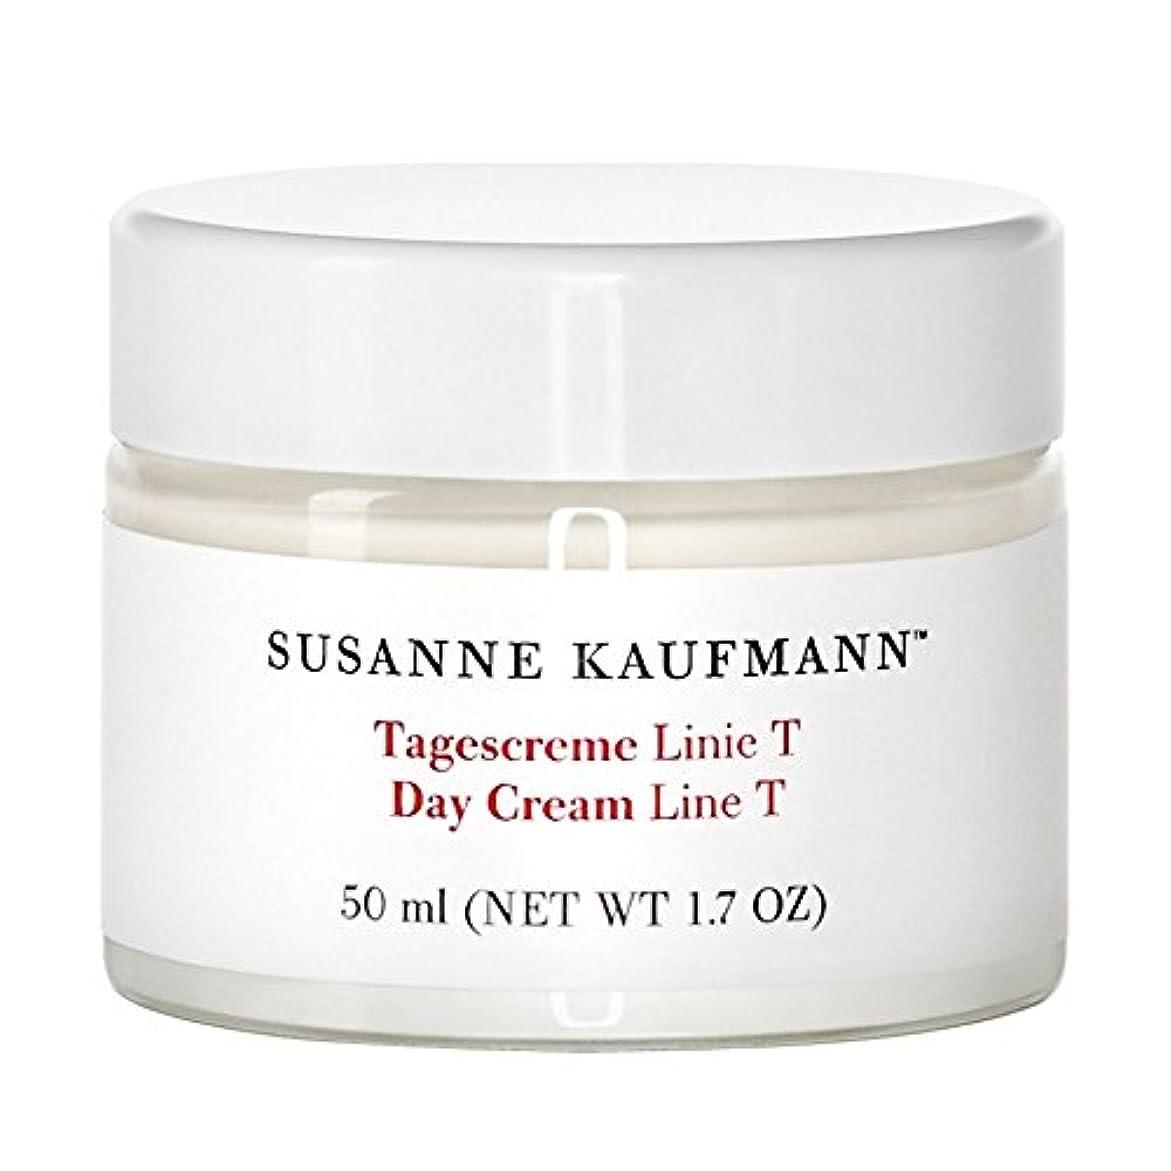 トラップ合金本土スザンヌカウフマン日クリームライントンの50ミリリットル x4 - Susanne Kaufmann Day Cream Line T 50ml (Pack of 4) [並行輸入品]